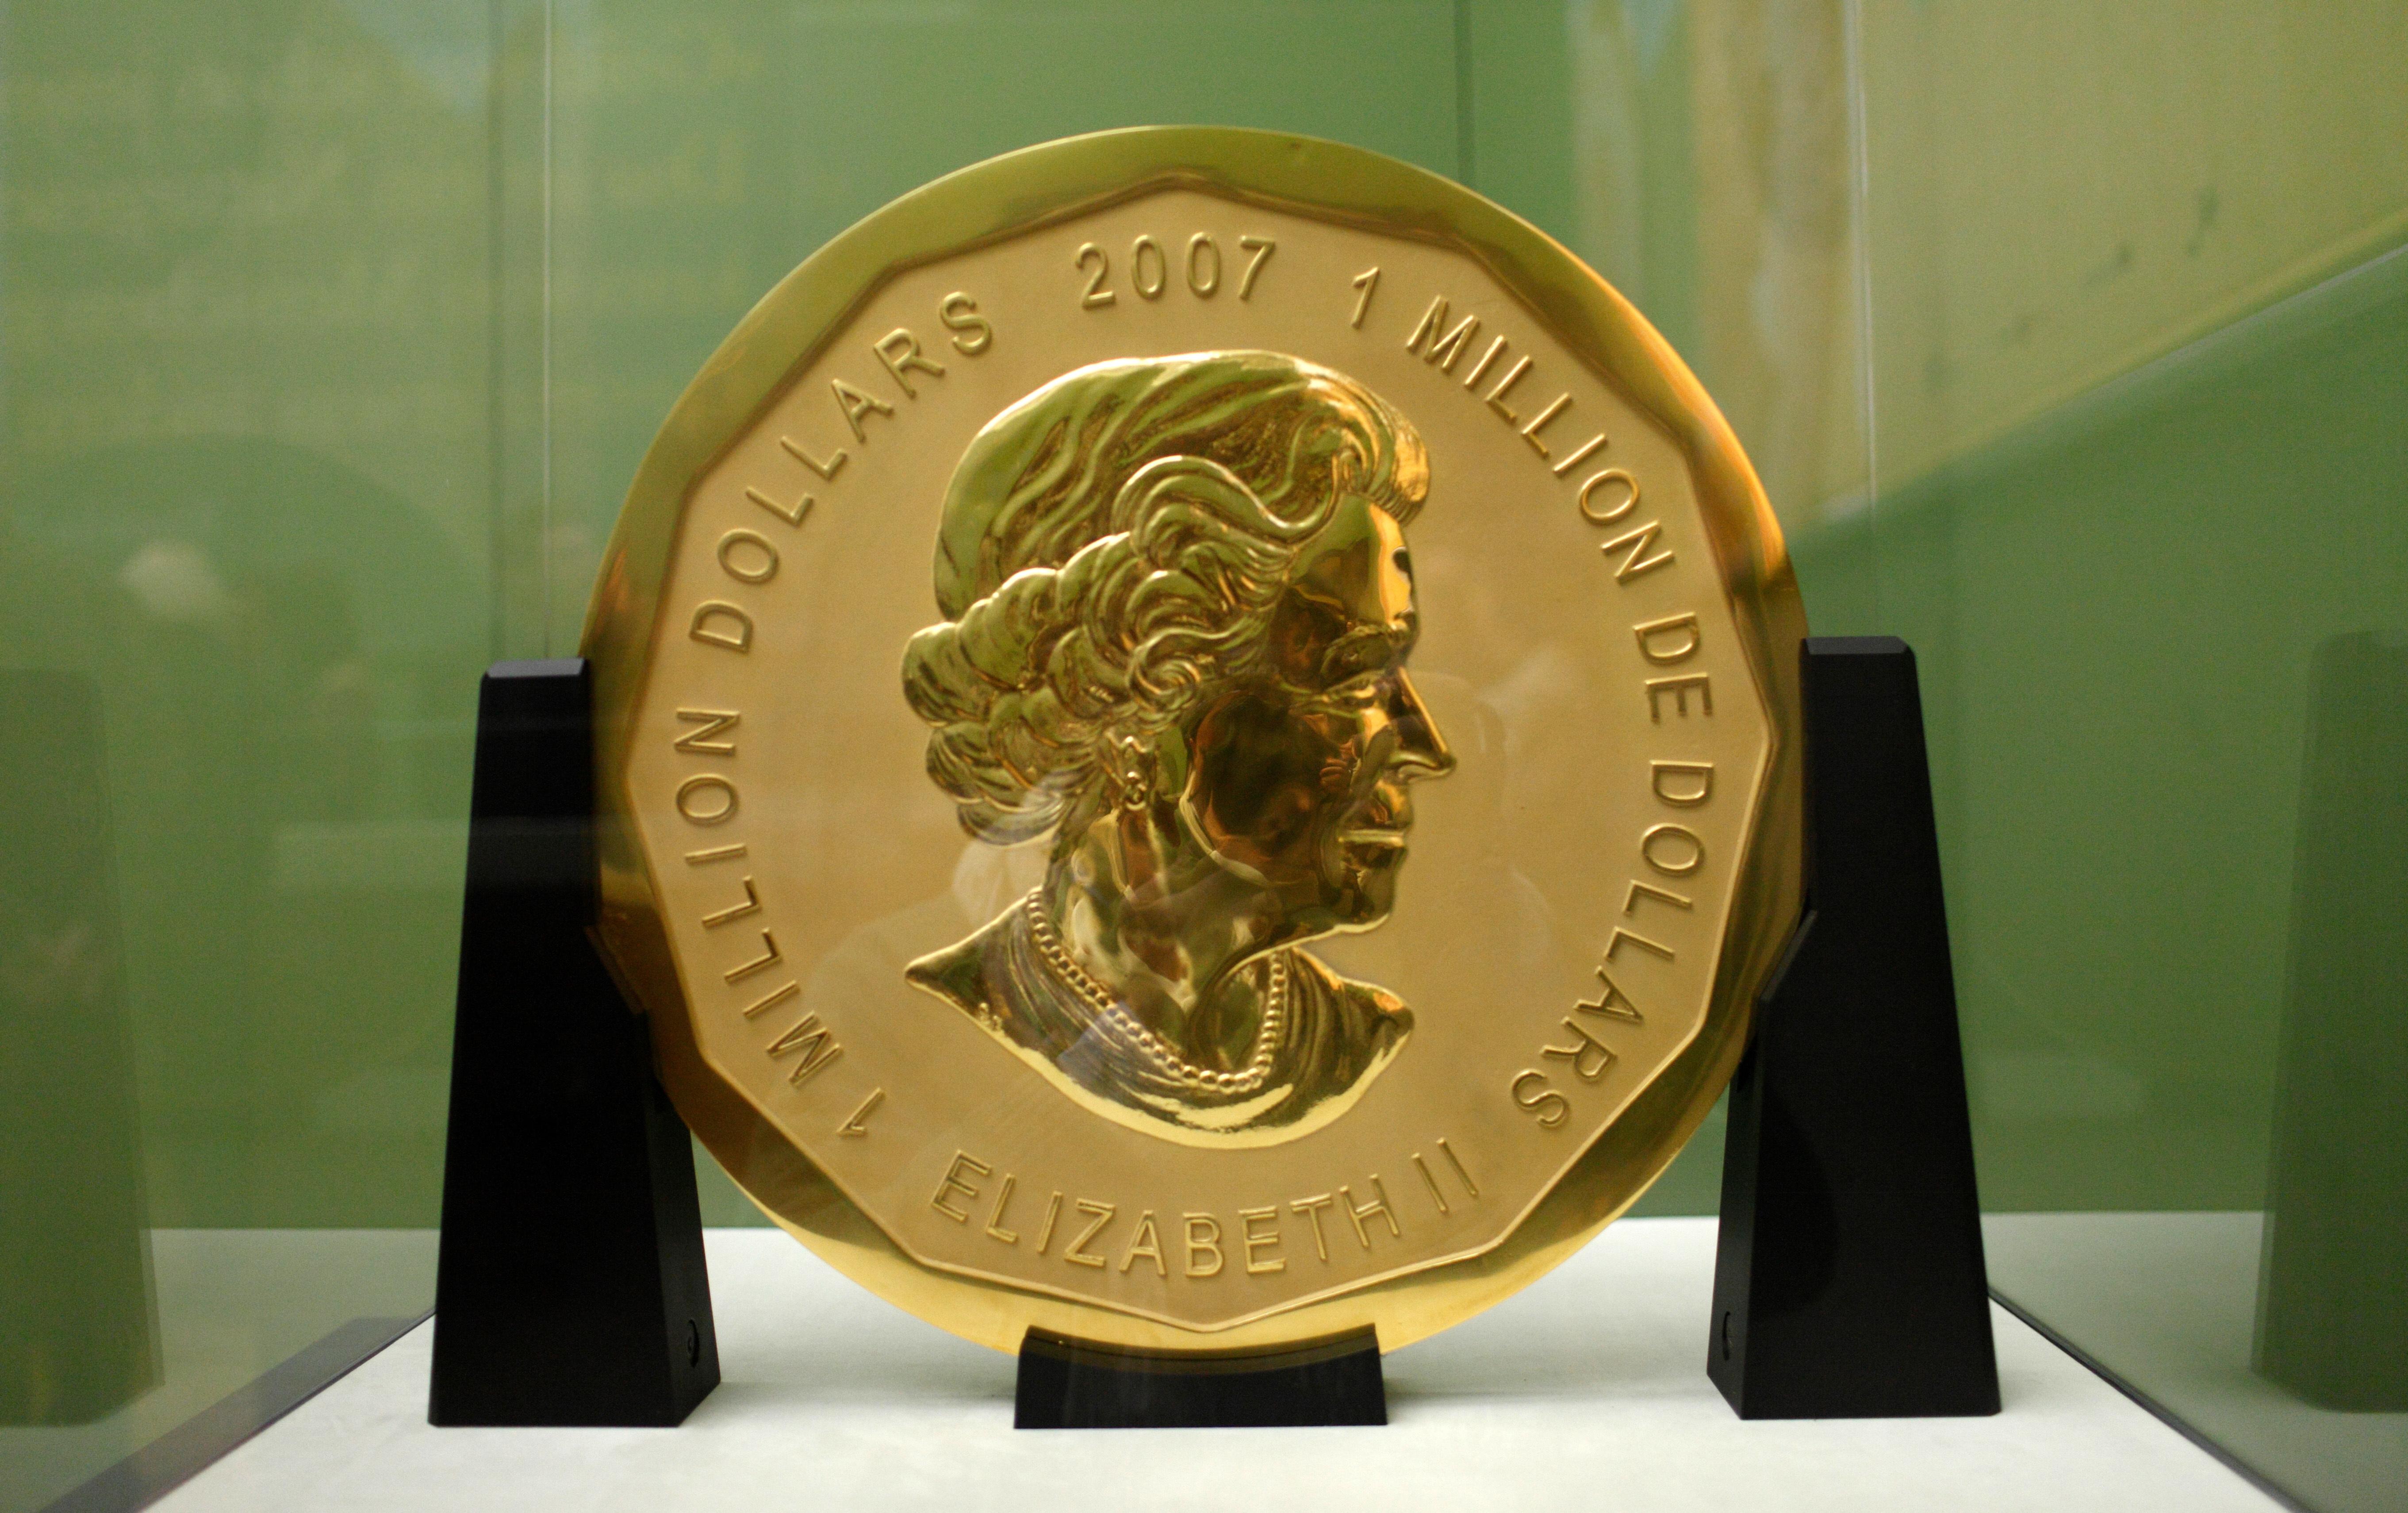 Elloptak egy 100 kilós színarany érmét egy berlini múzeumból